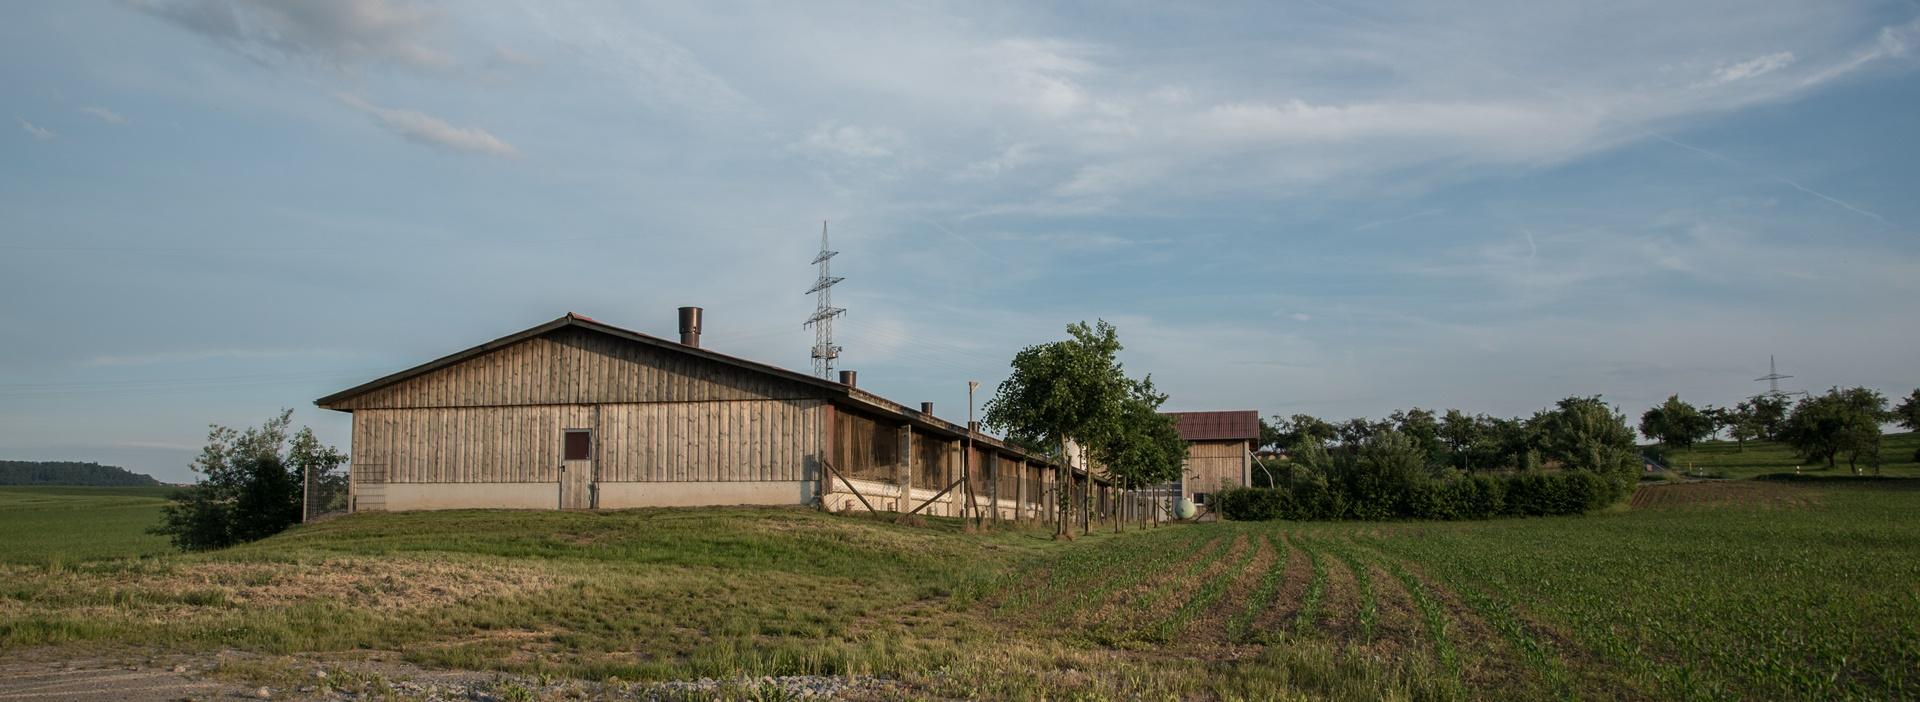 Schweinemaststall vom Norden Andreas, Rainer Mueller Rems-Murr-Schwein